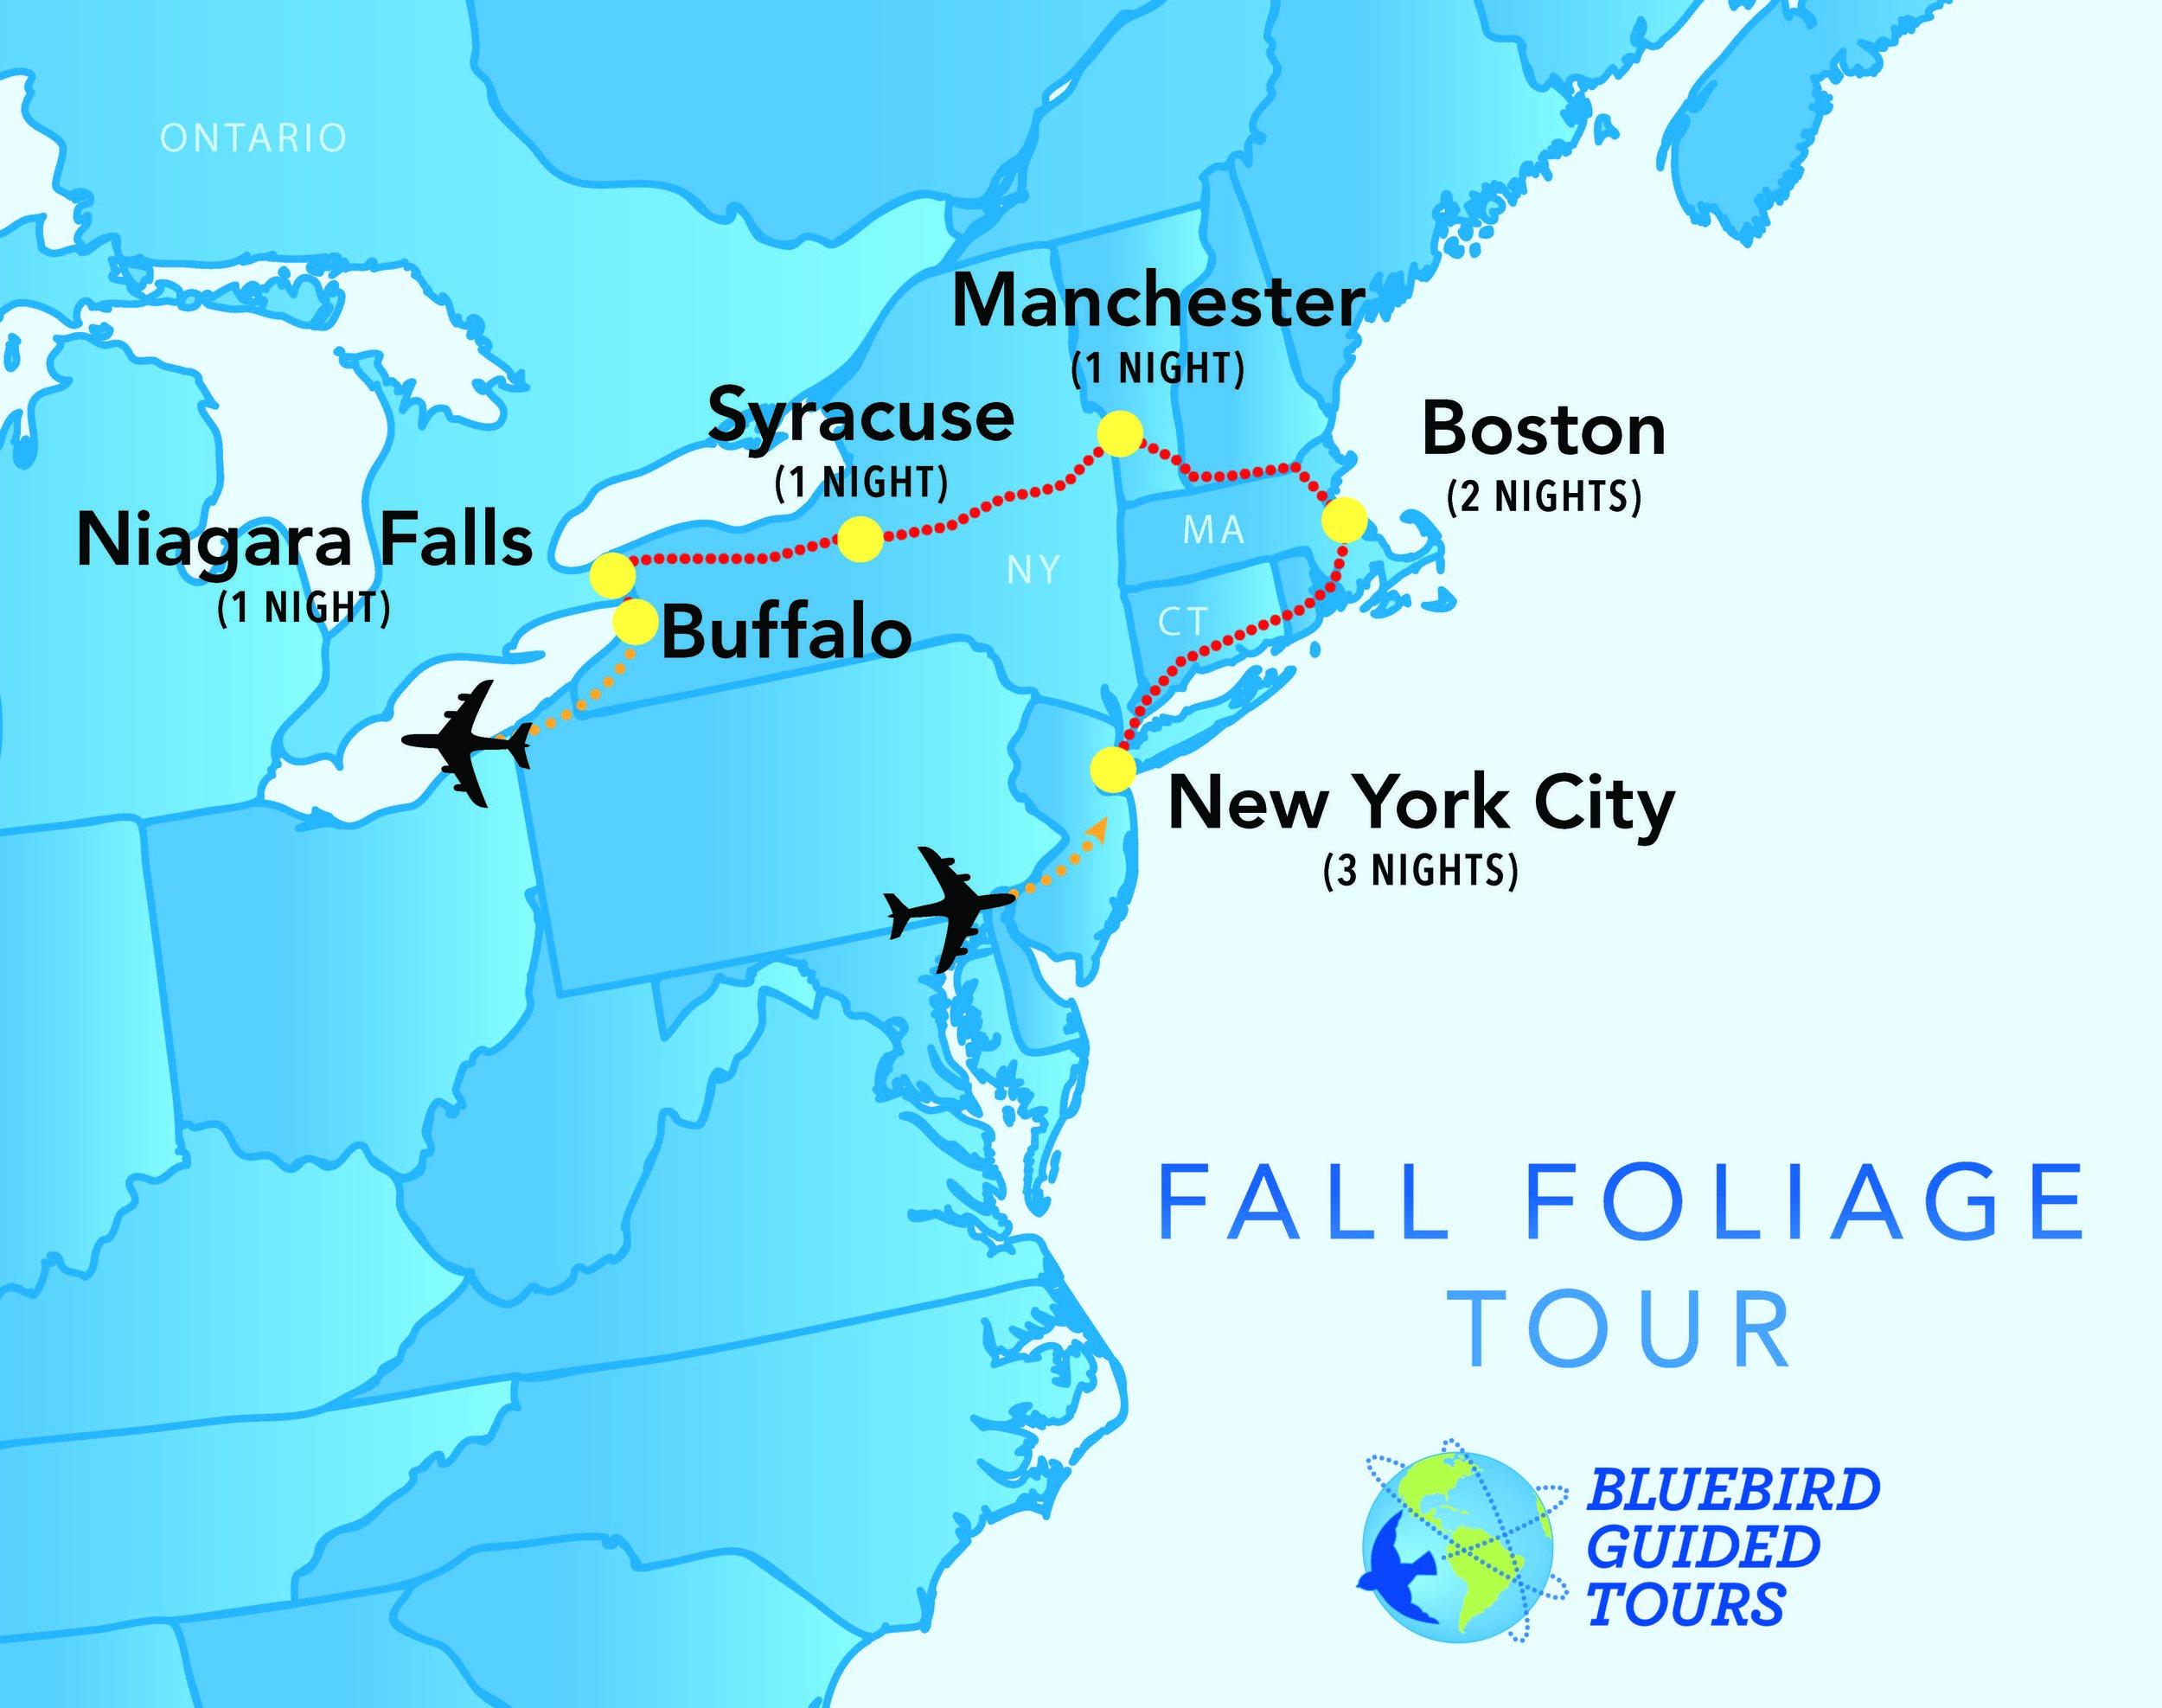 BGT_FallFoliageTour_MAP_4.4.19.jpg